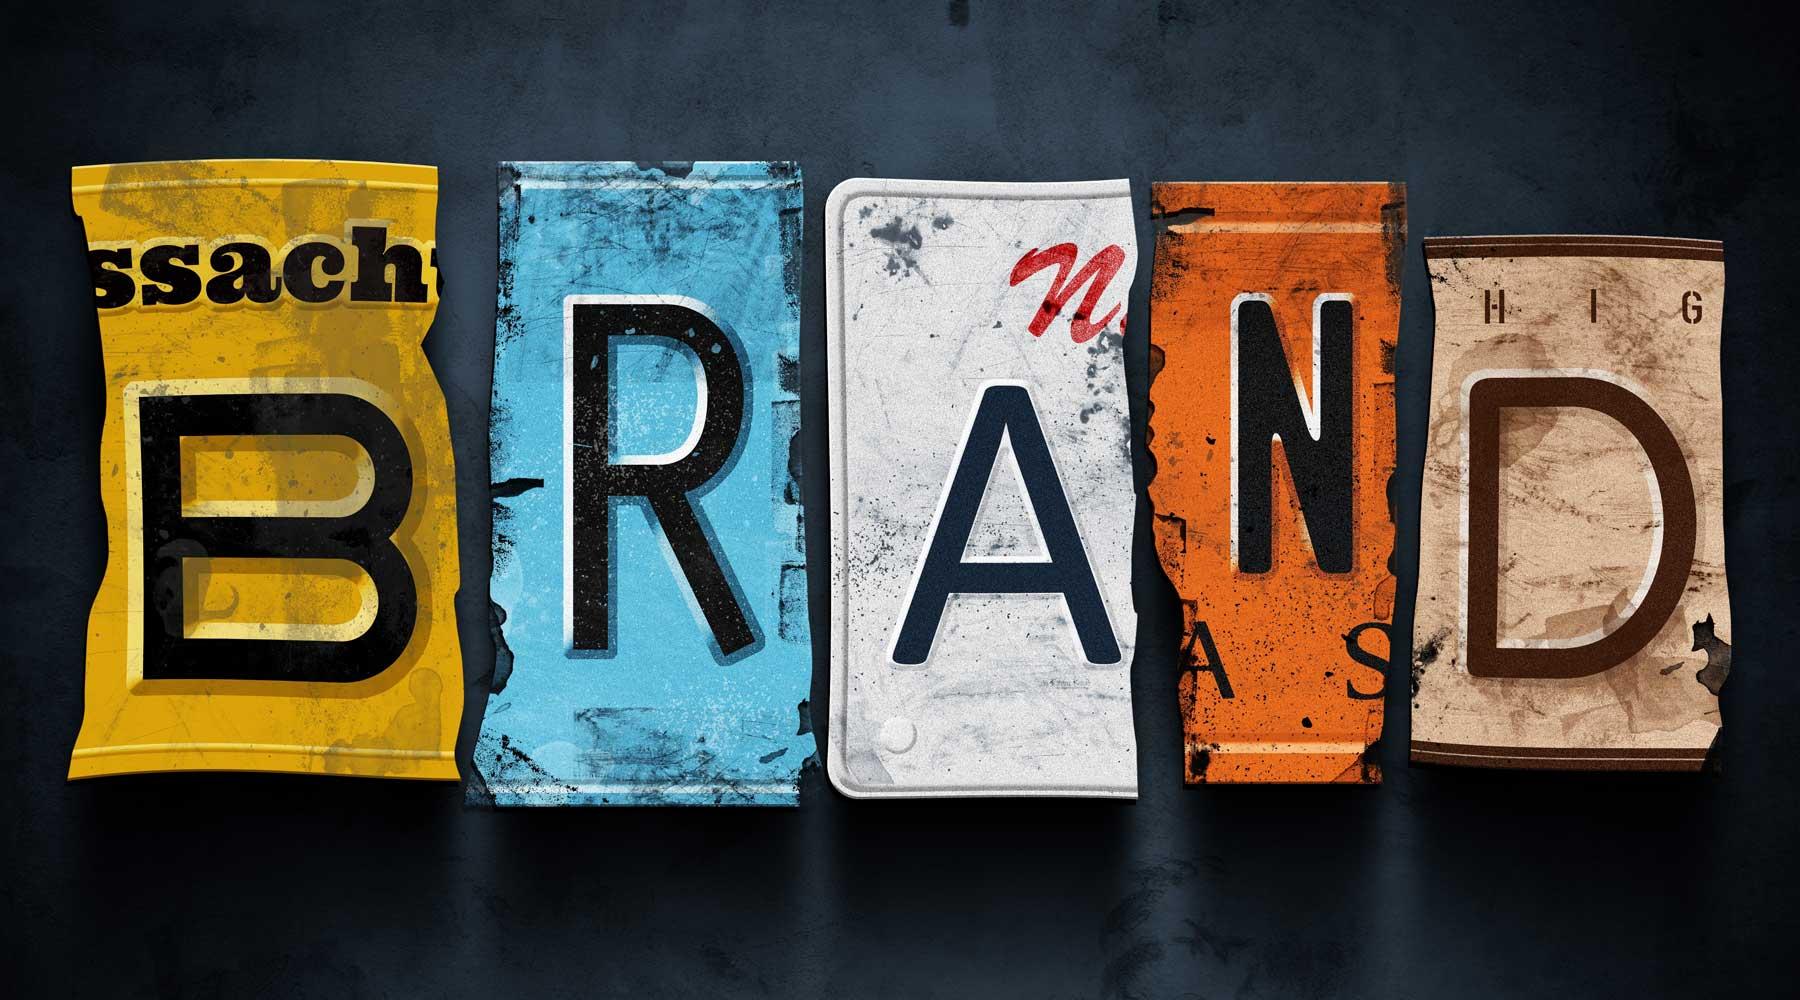 Brand Equity e Brand Awareness  Qual é a importância para uma marca -  Superstorm 55a7b02f41